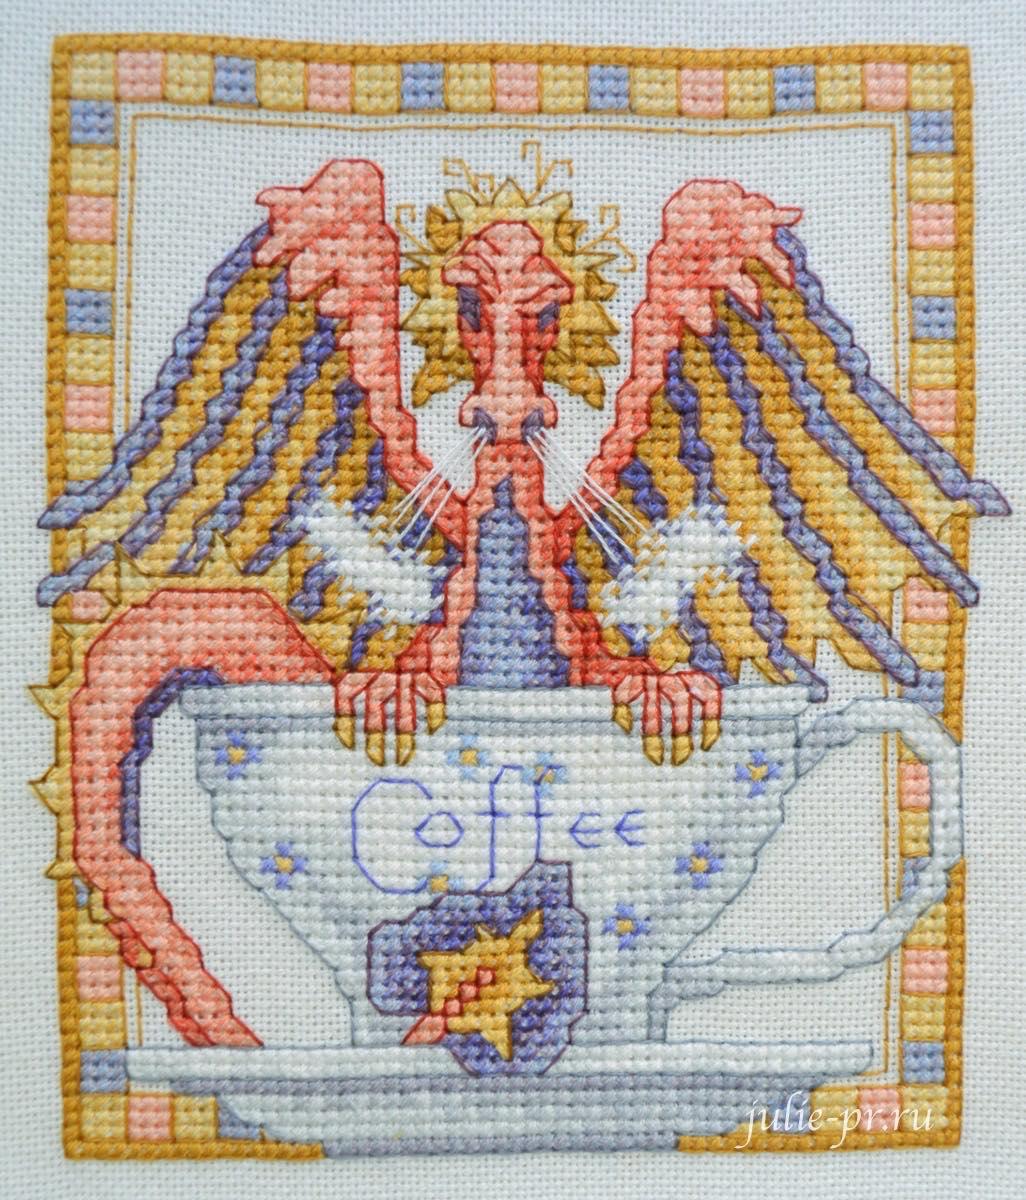 Вышивка крестом, Тереза Венцлер, Teresa Wentzler - Tempest in a teacup, Буря в чайной чашке, дракон, кофе